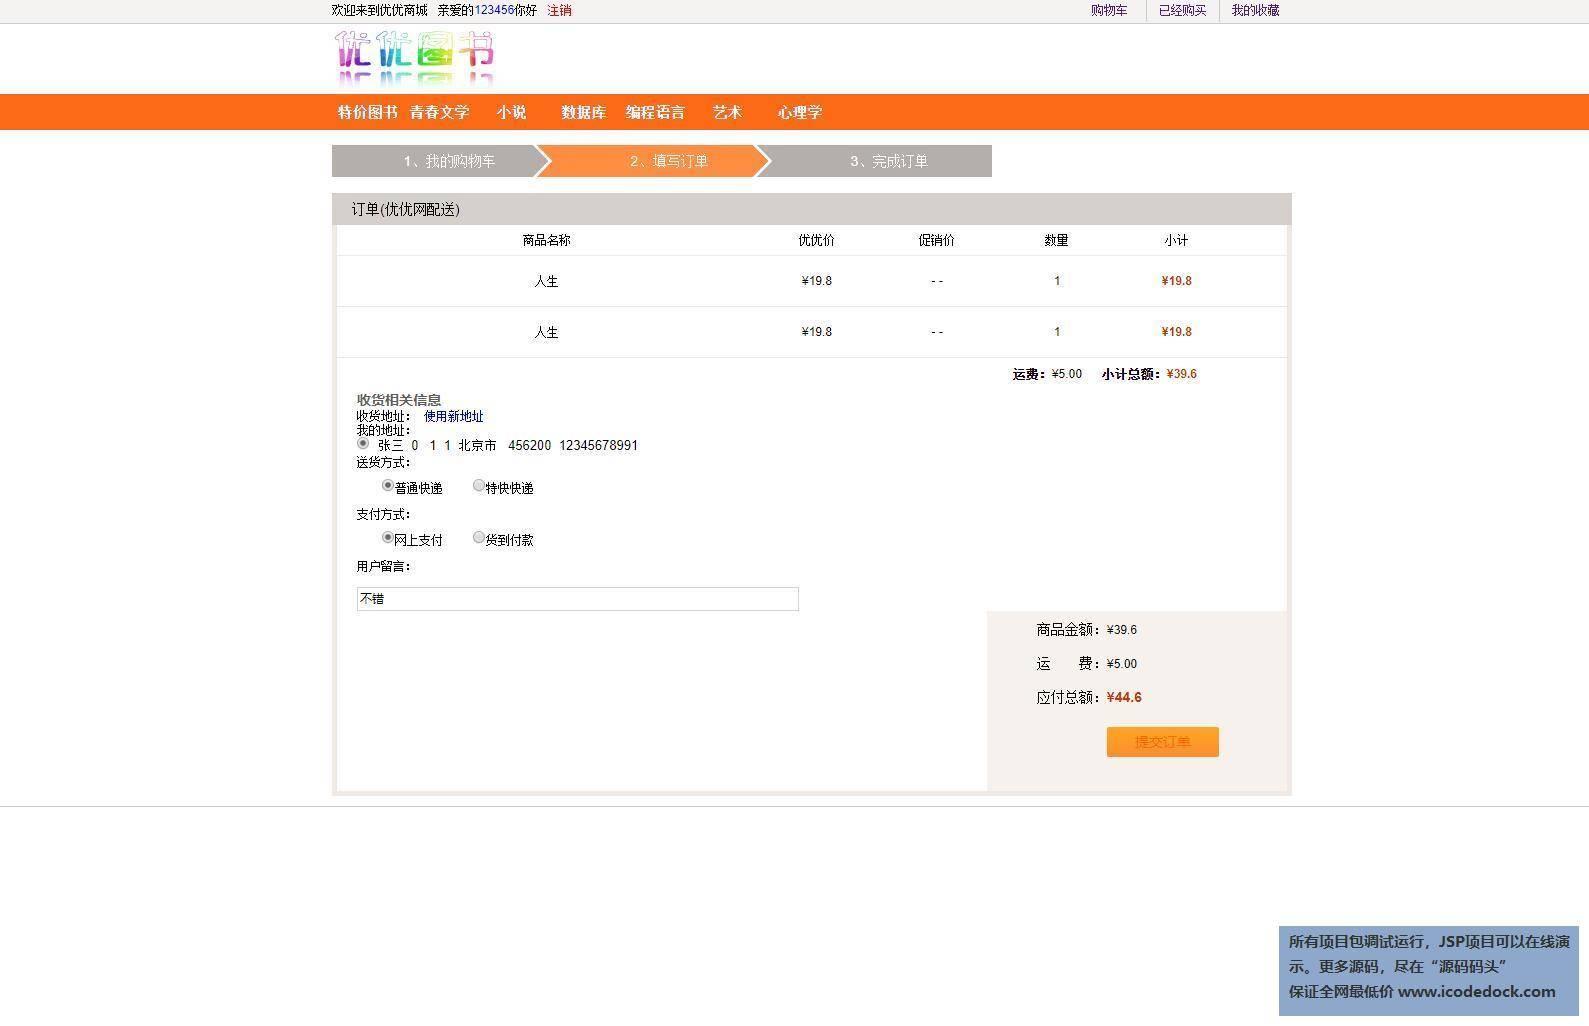 源码码头-Spring图书销售管理系统-用户角色-提交订单